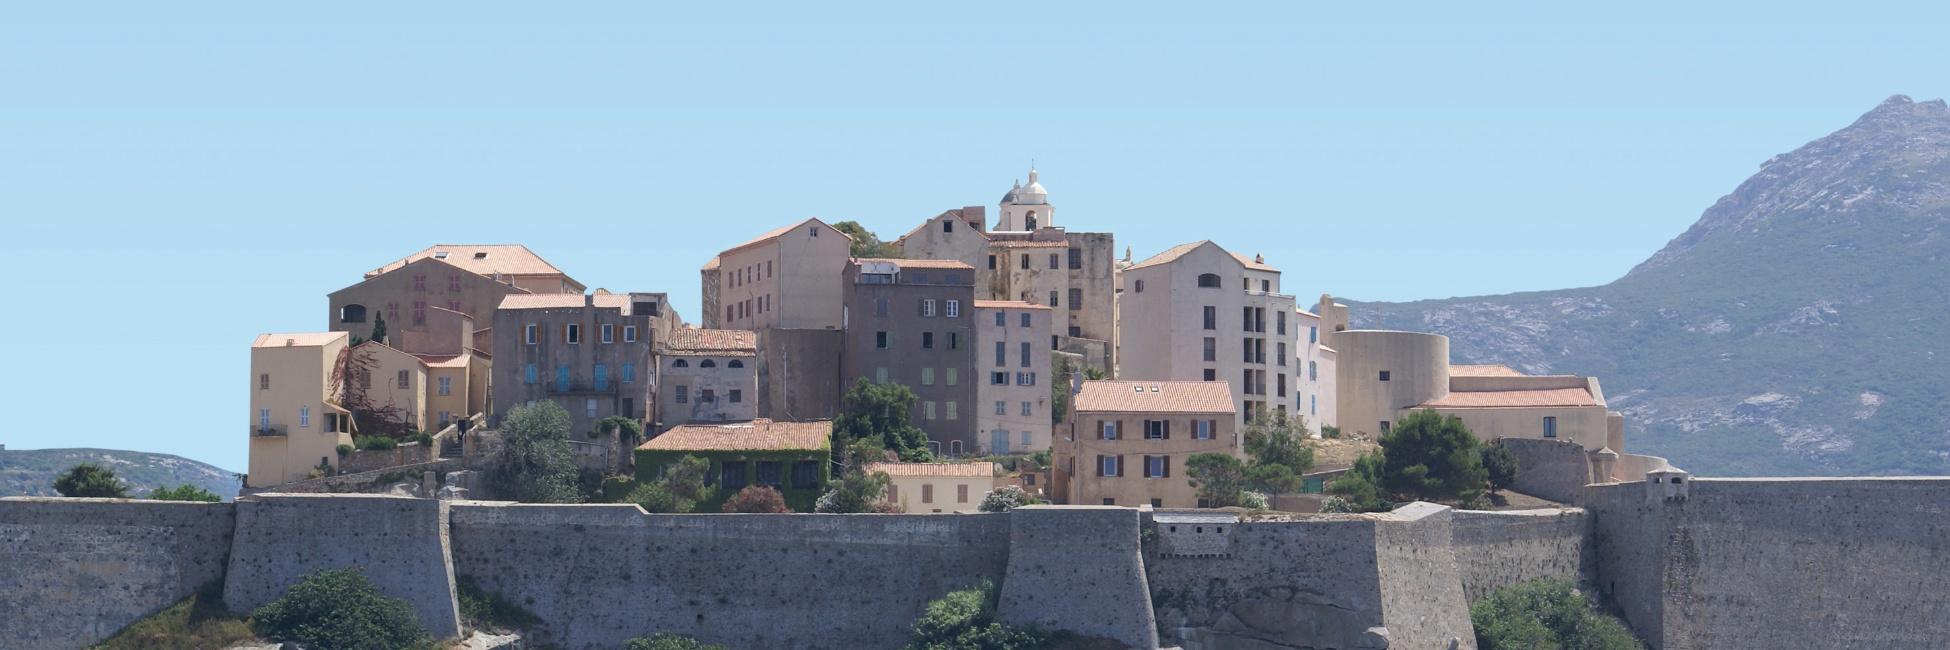 Ville de Calvi en Corse